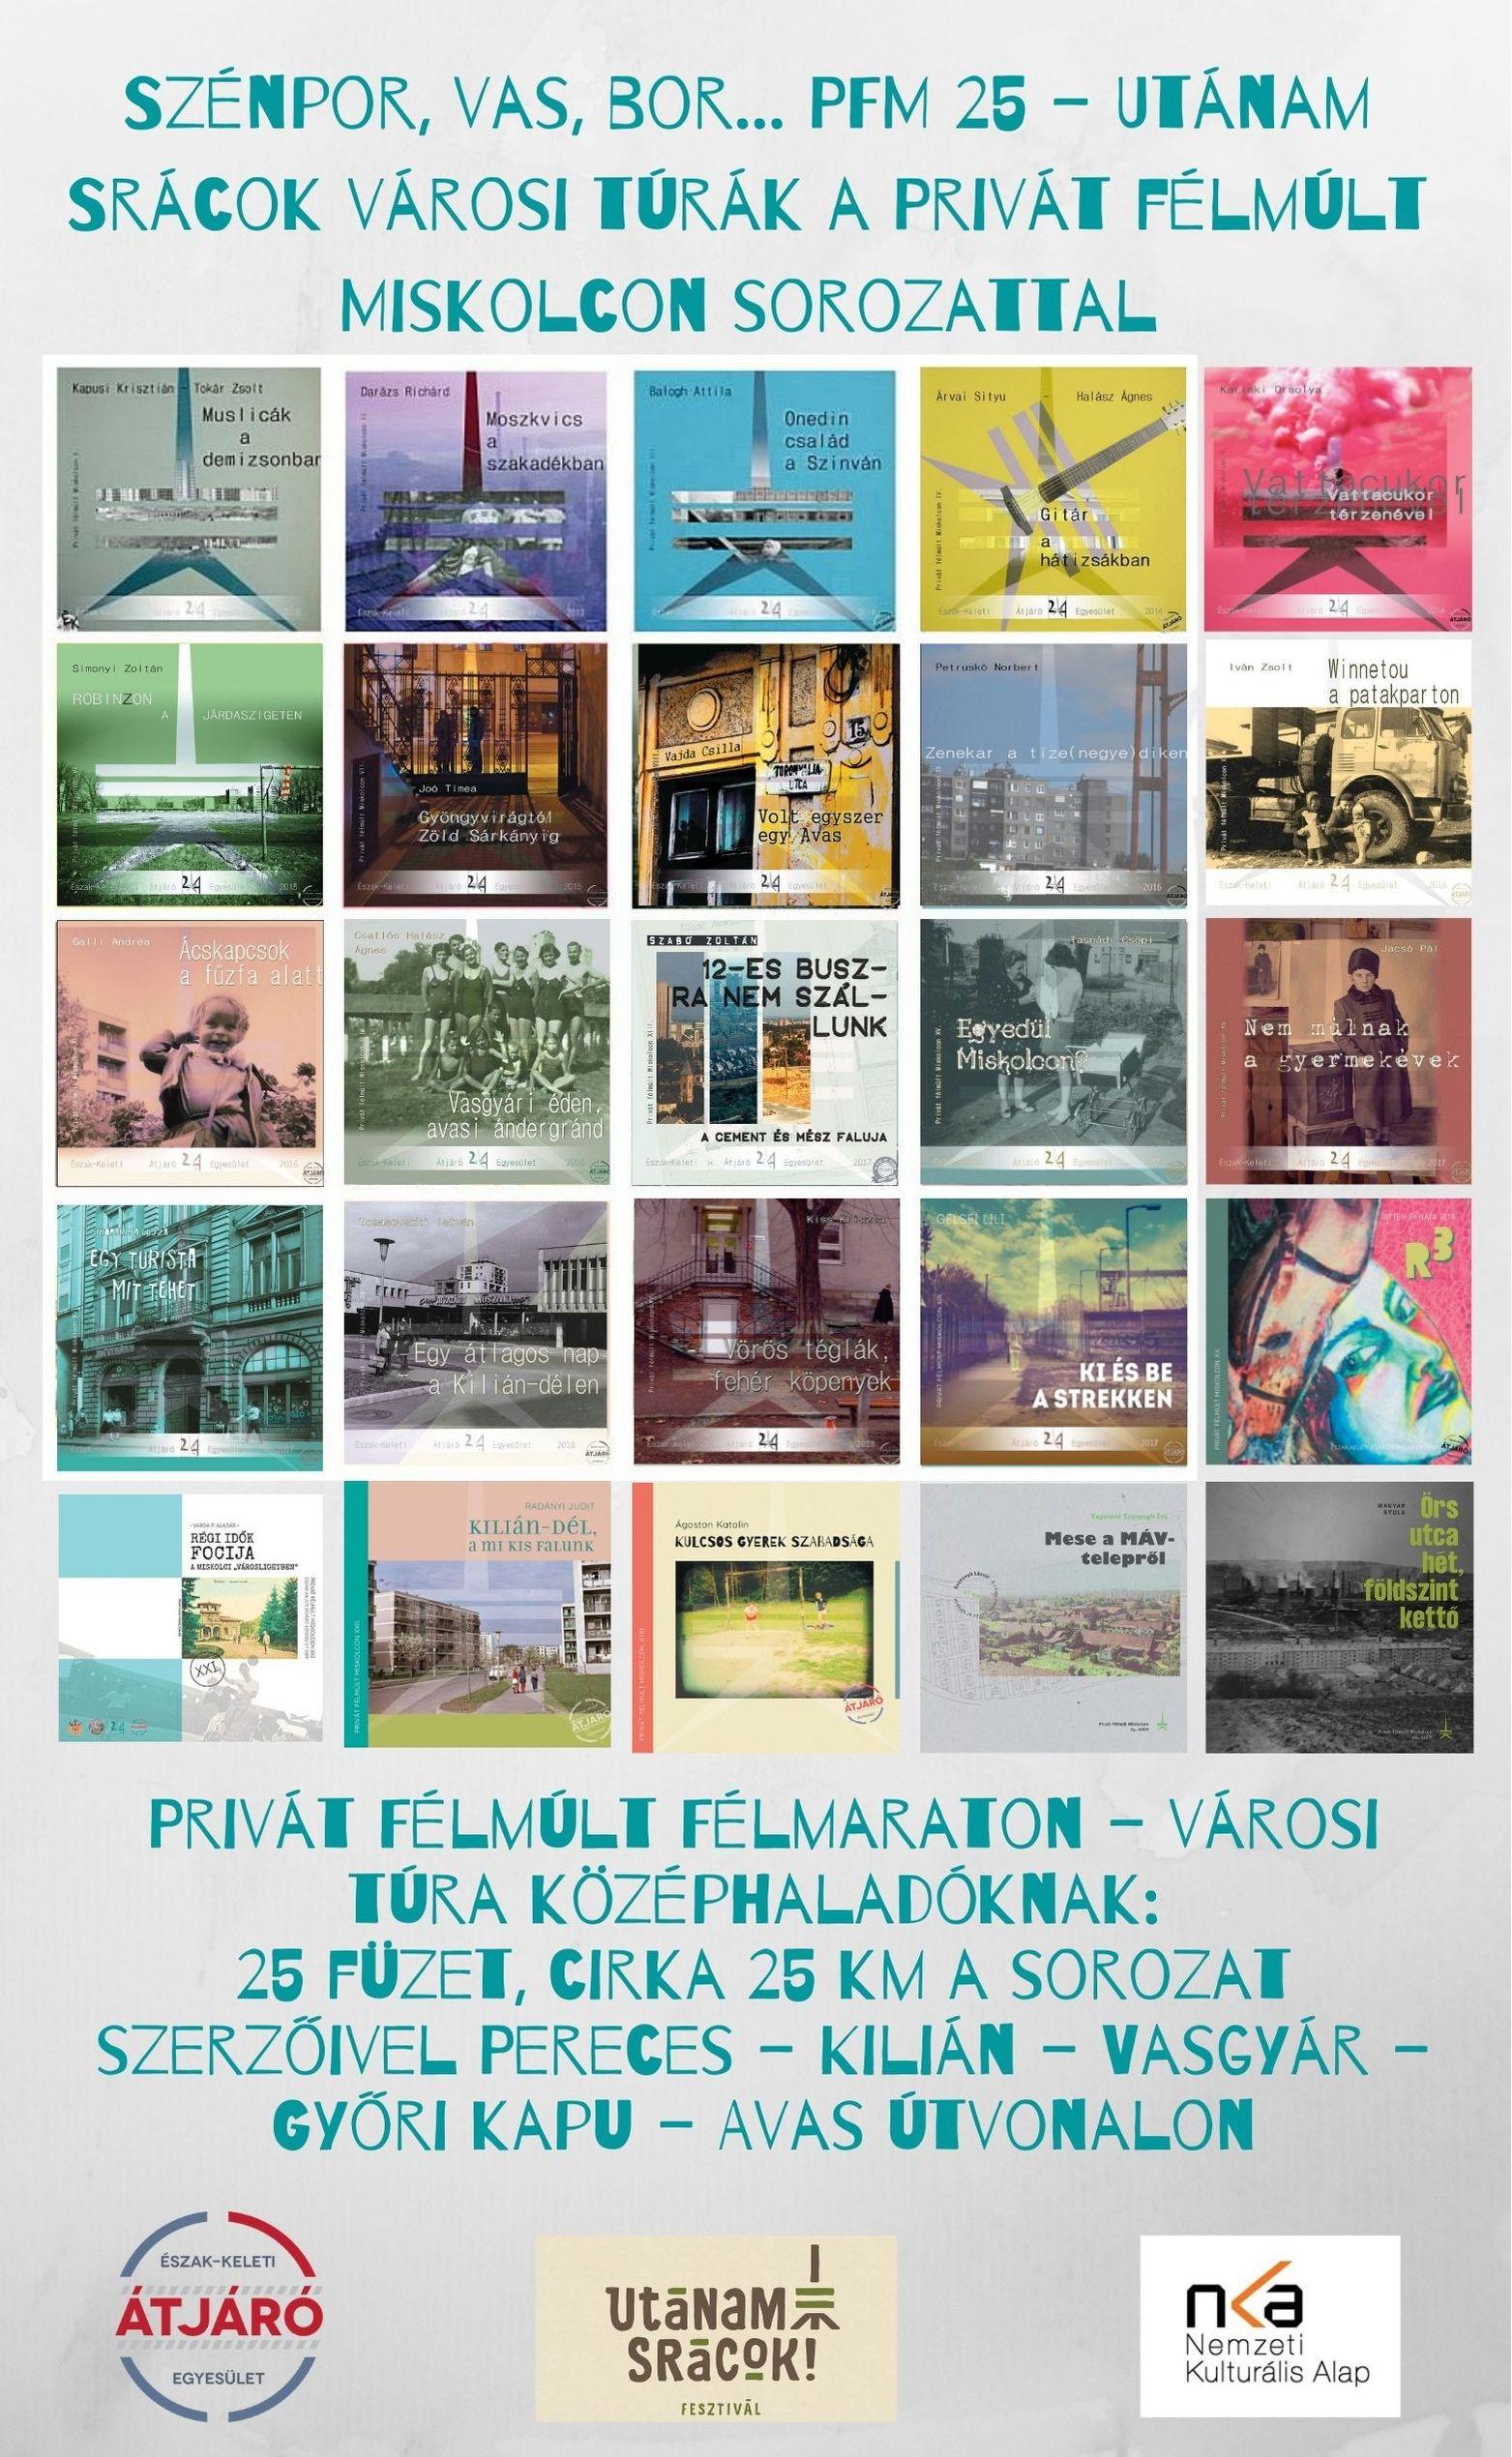 Szénpor, vas, bor... PFM 25!-logókkal